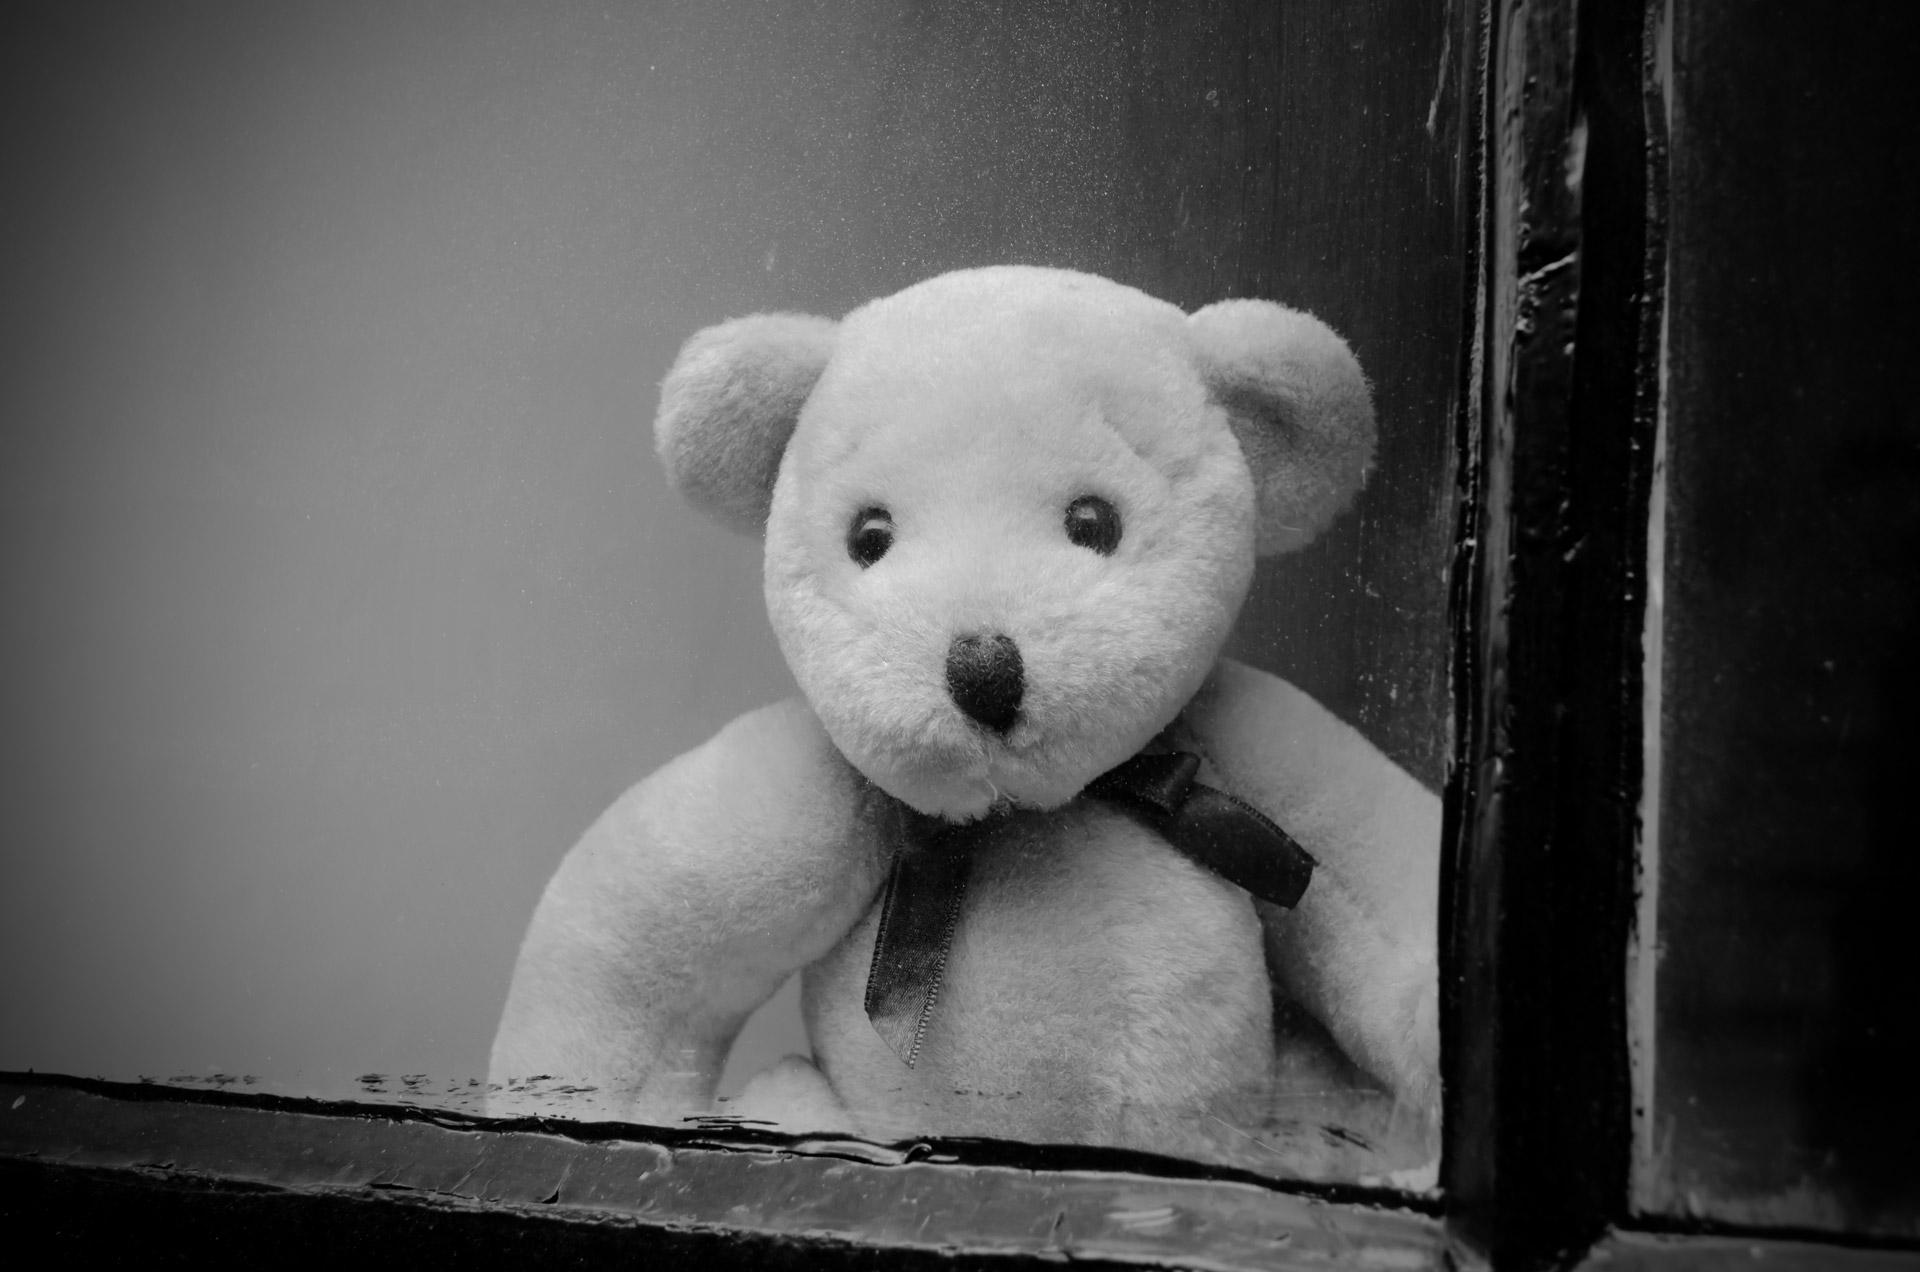 teddy-bear-behind-a-window.jpg